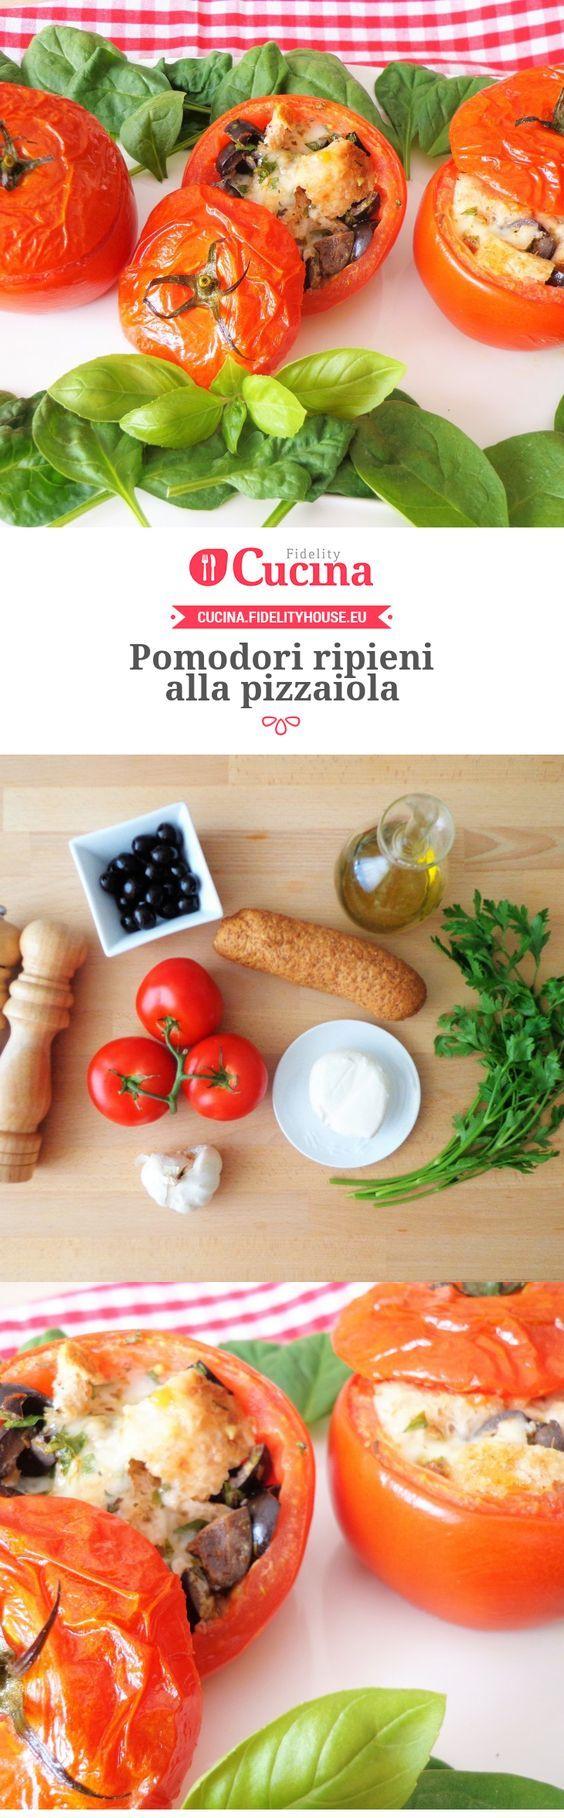 Pomodori ripieni alla pizzaiola della nostra utente Magdalena. Unisciti alla nostra Community ed invia le tue ricette!